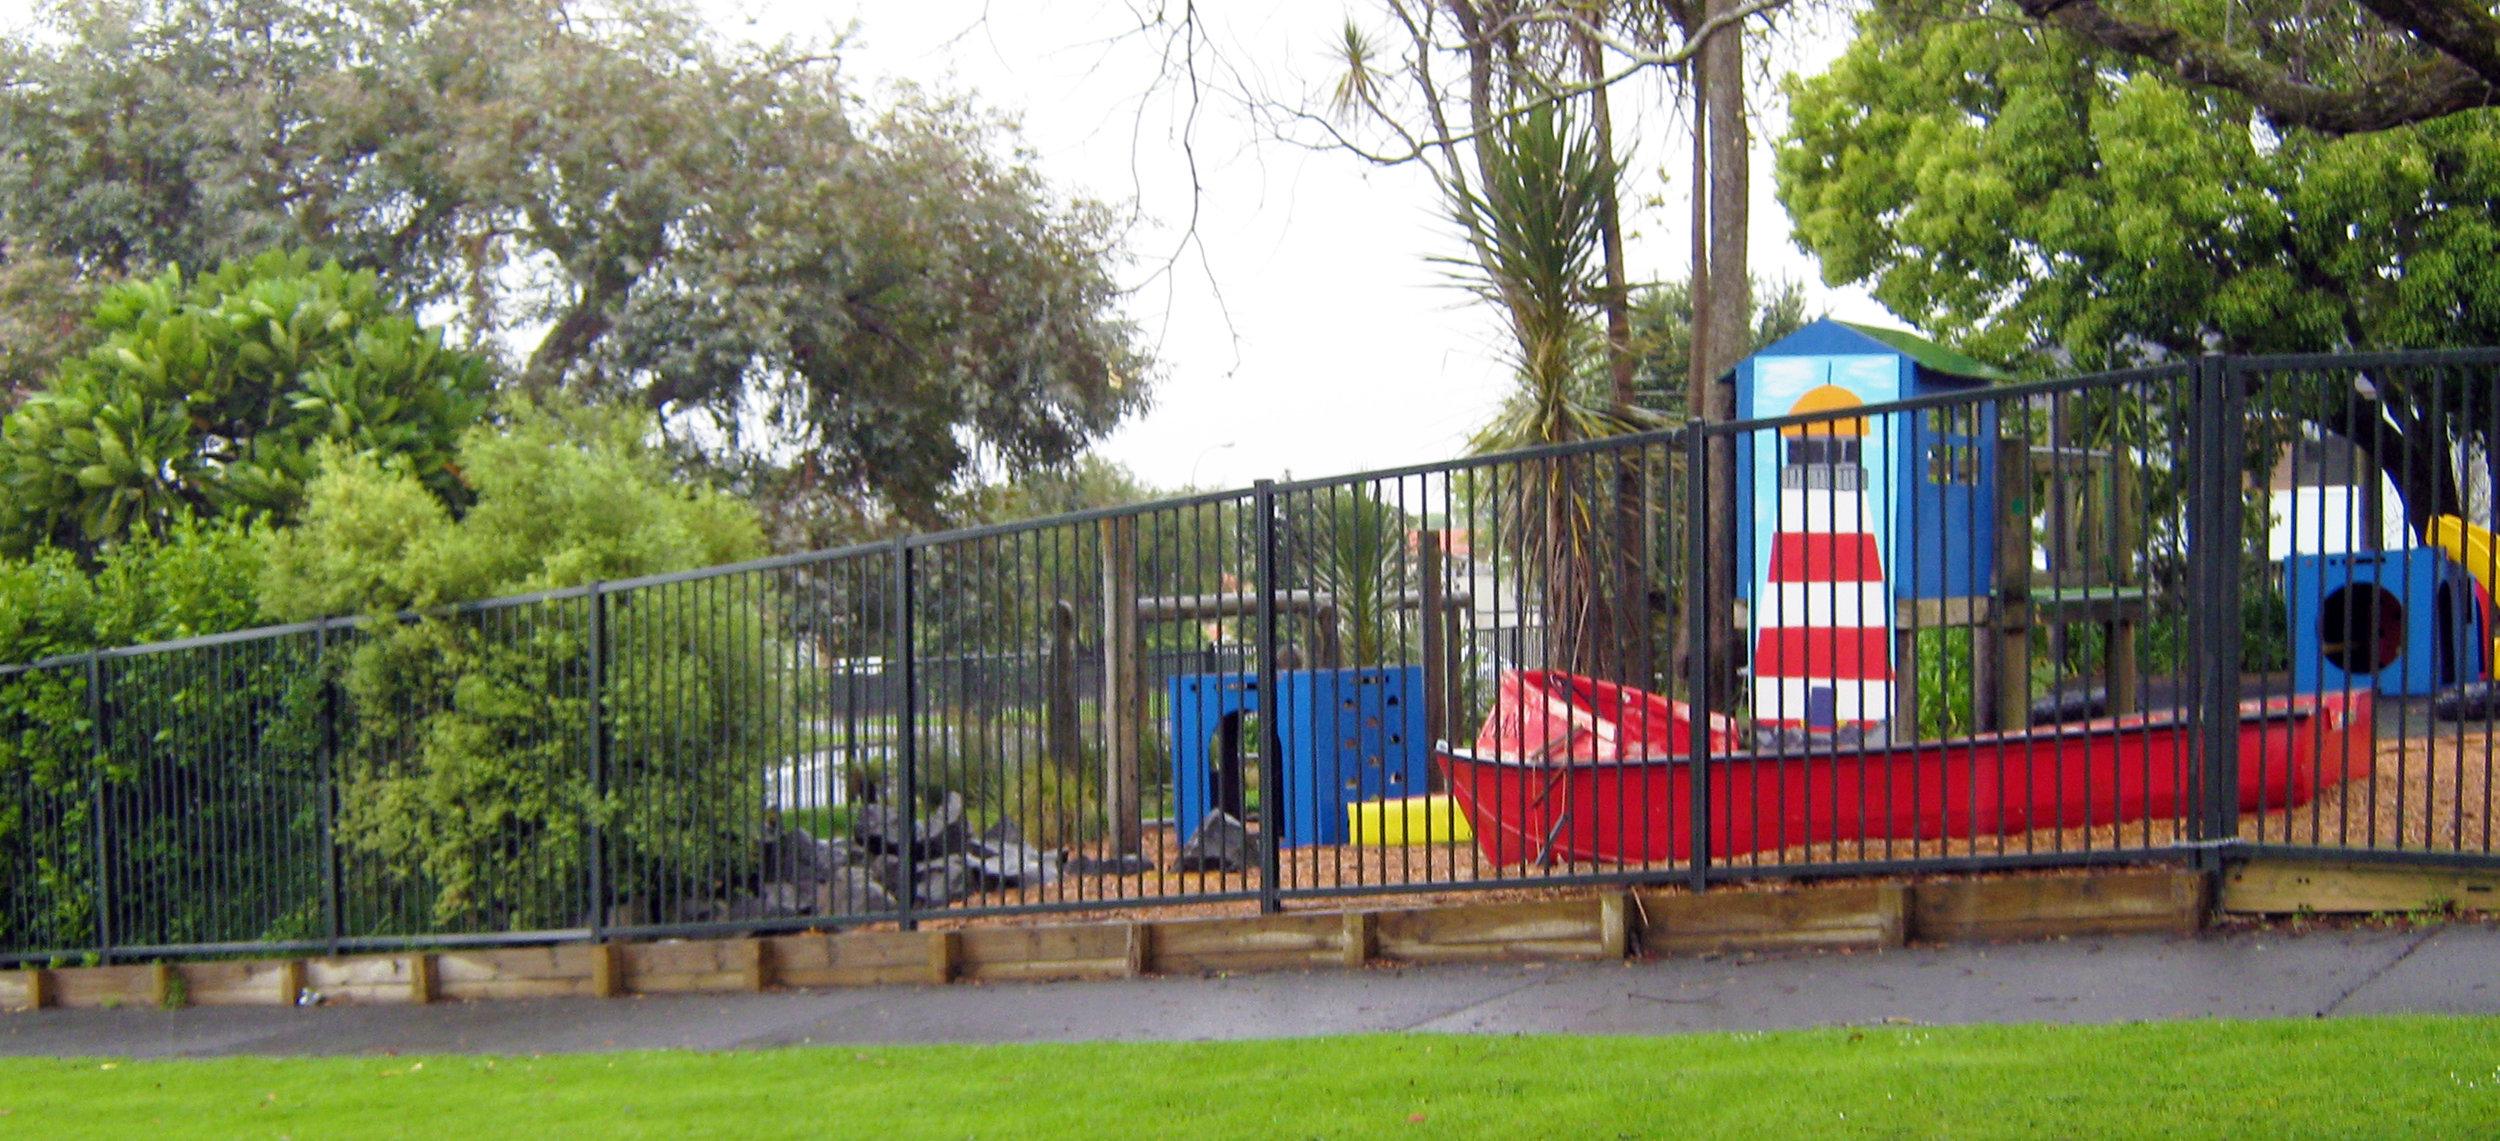 (15) Coates Road Kindergarten